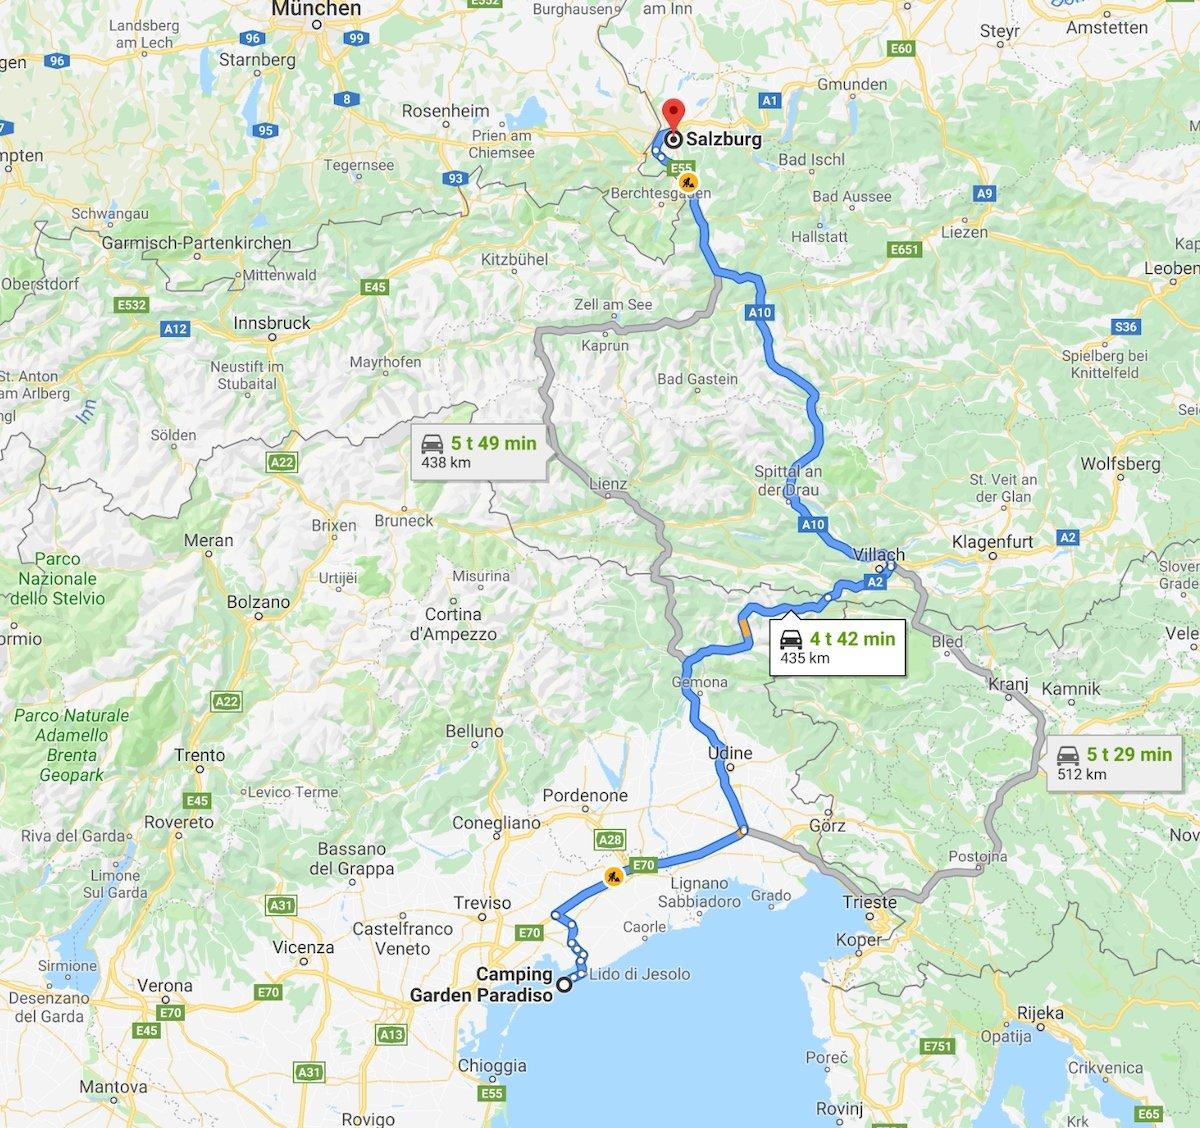 Italia - Østerrike 89